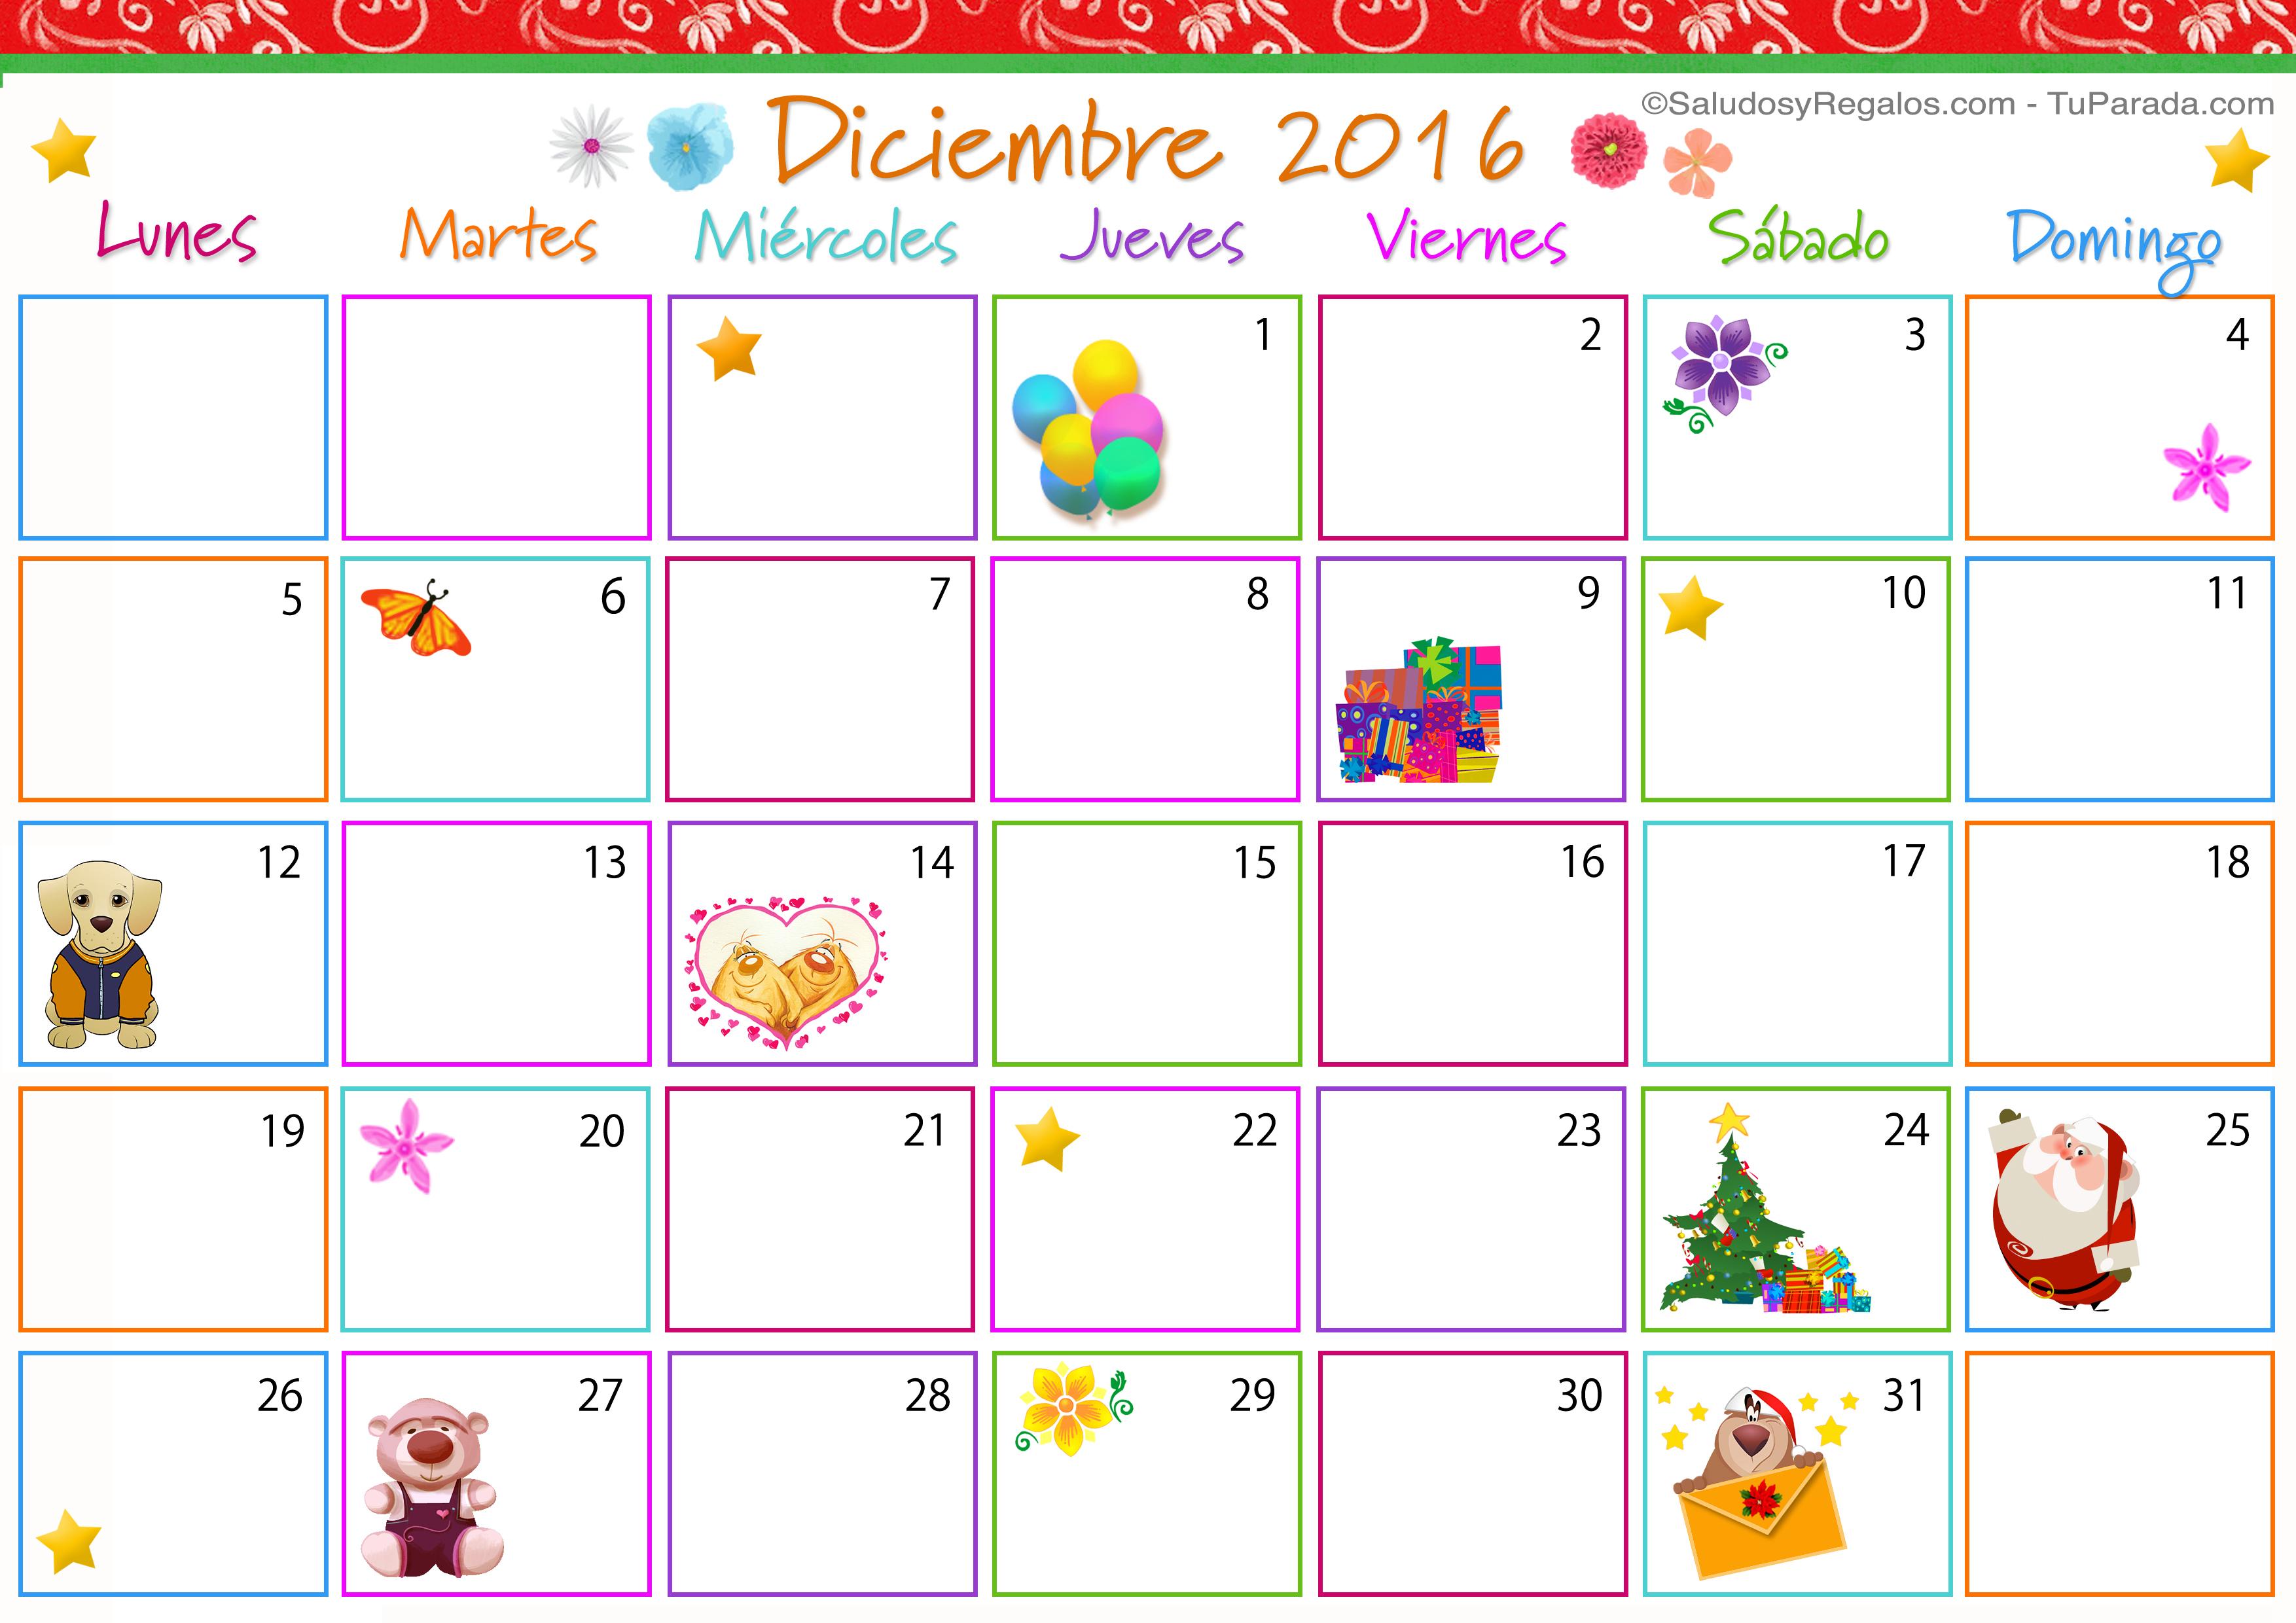 Calendario Multicolor - Diciembre 2016, Calendario Multicolor 2016 ...